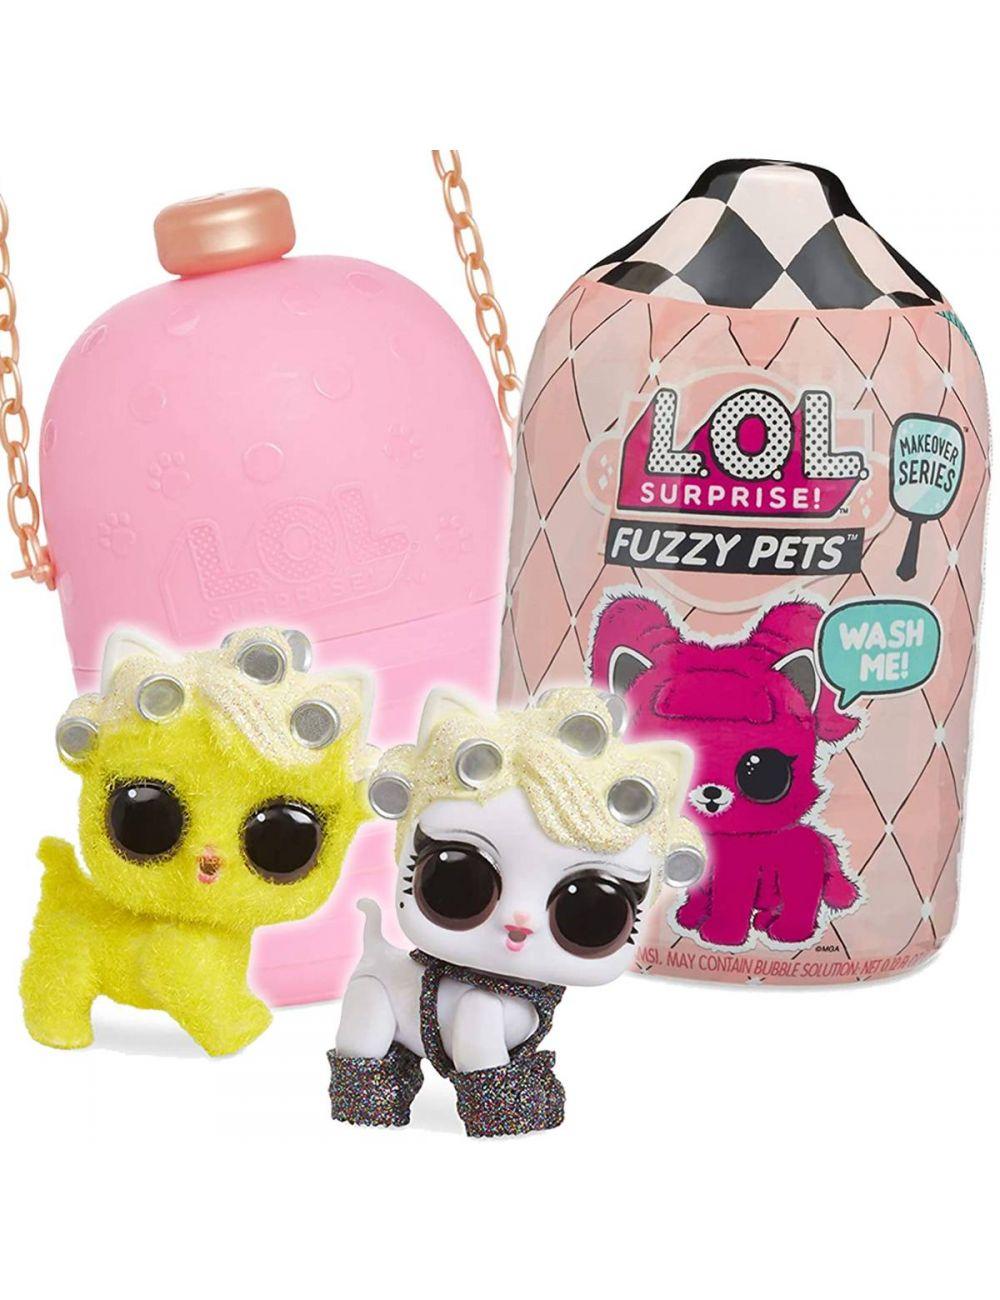 LOL Surprise Fuzzy Pets L.O.L. Zwierzątko Niespodzianka 557111 MGA